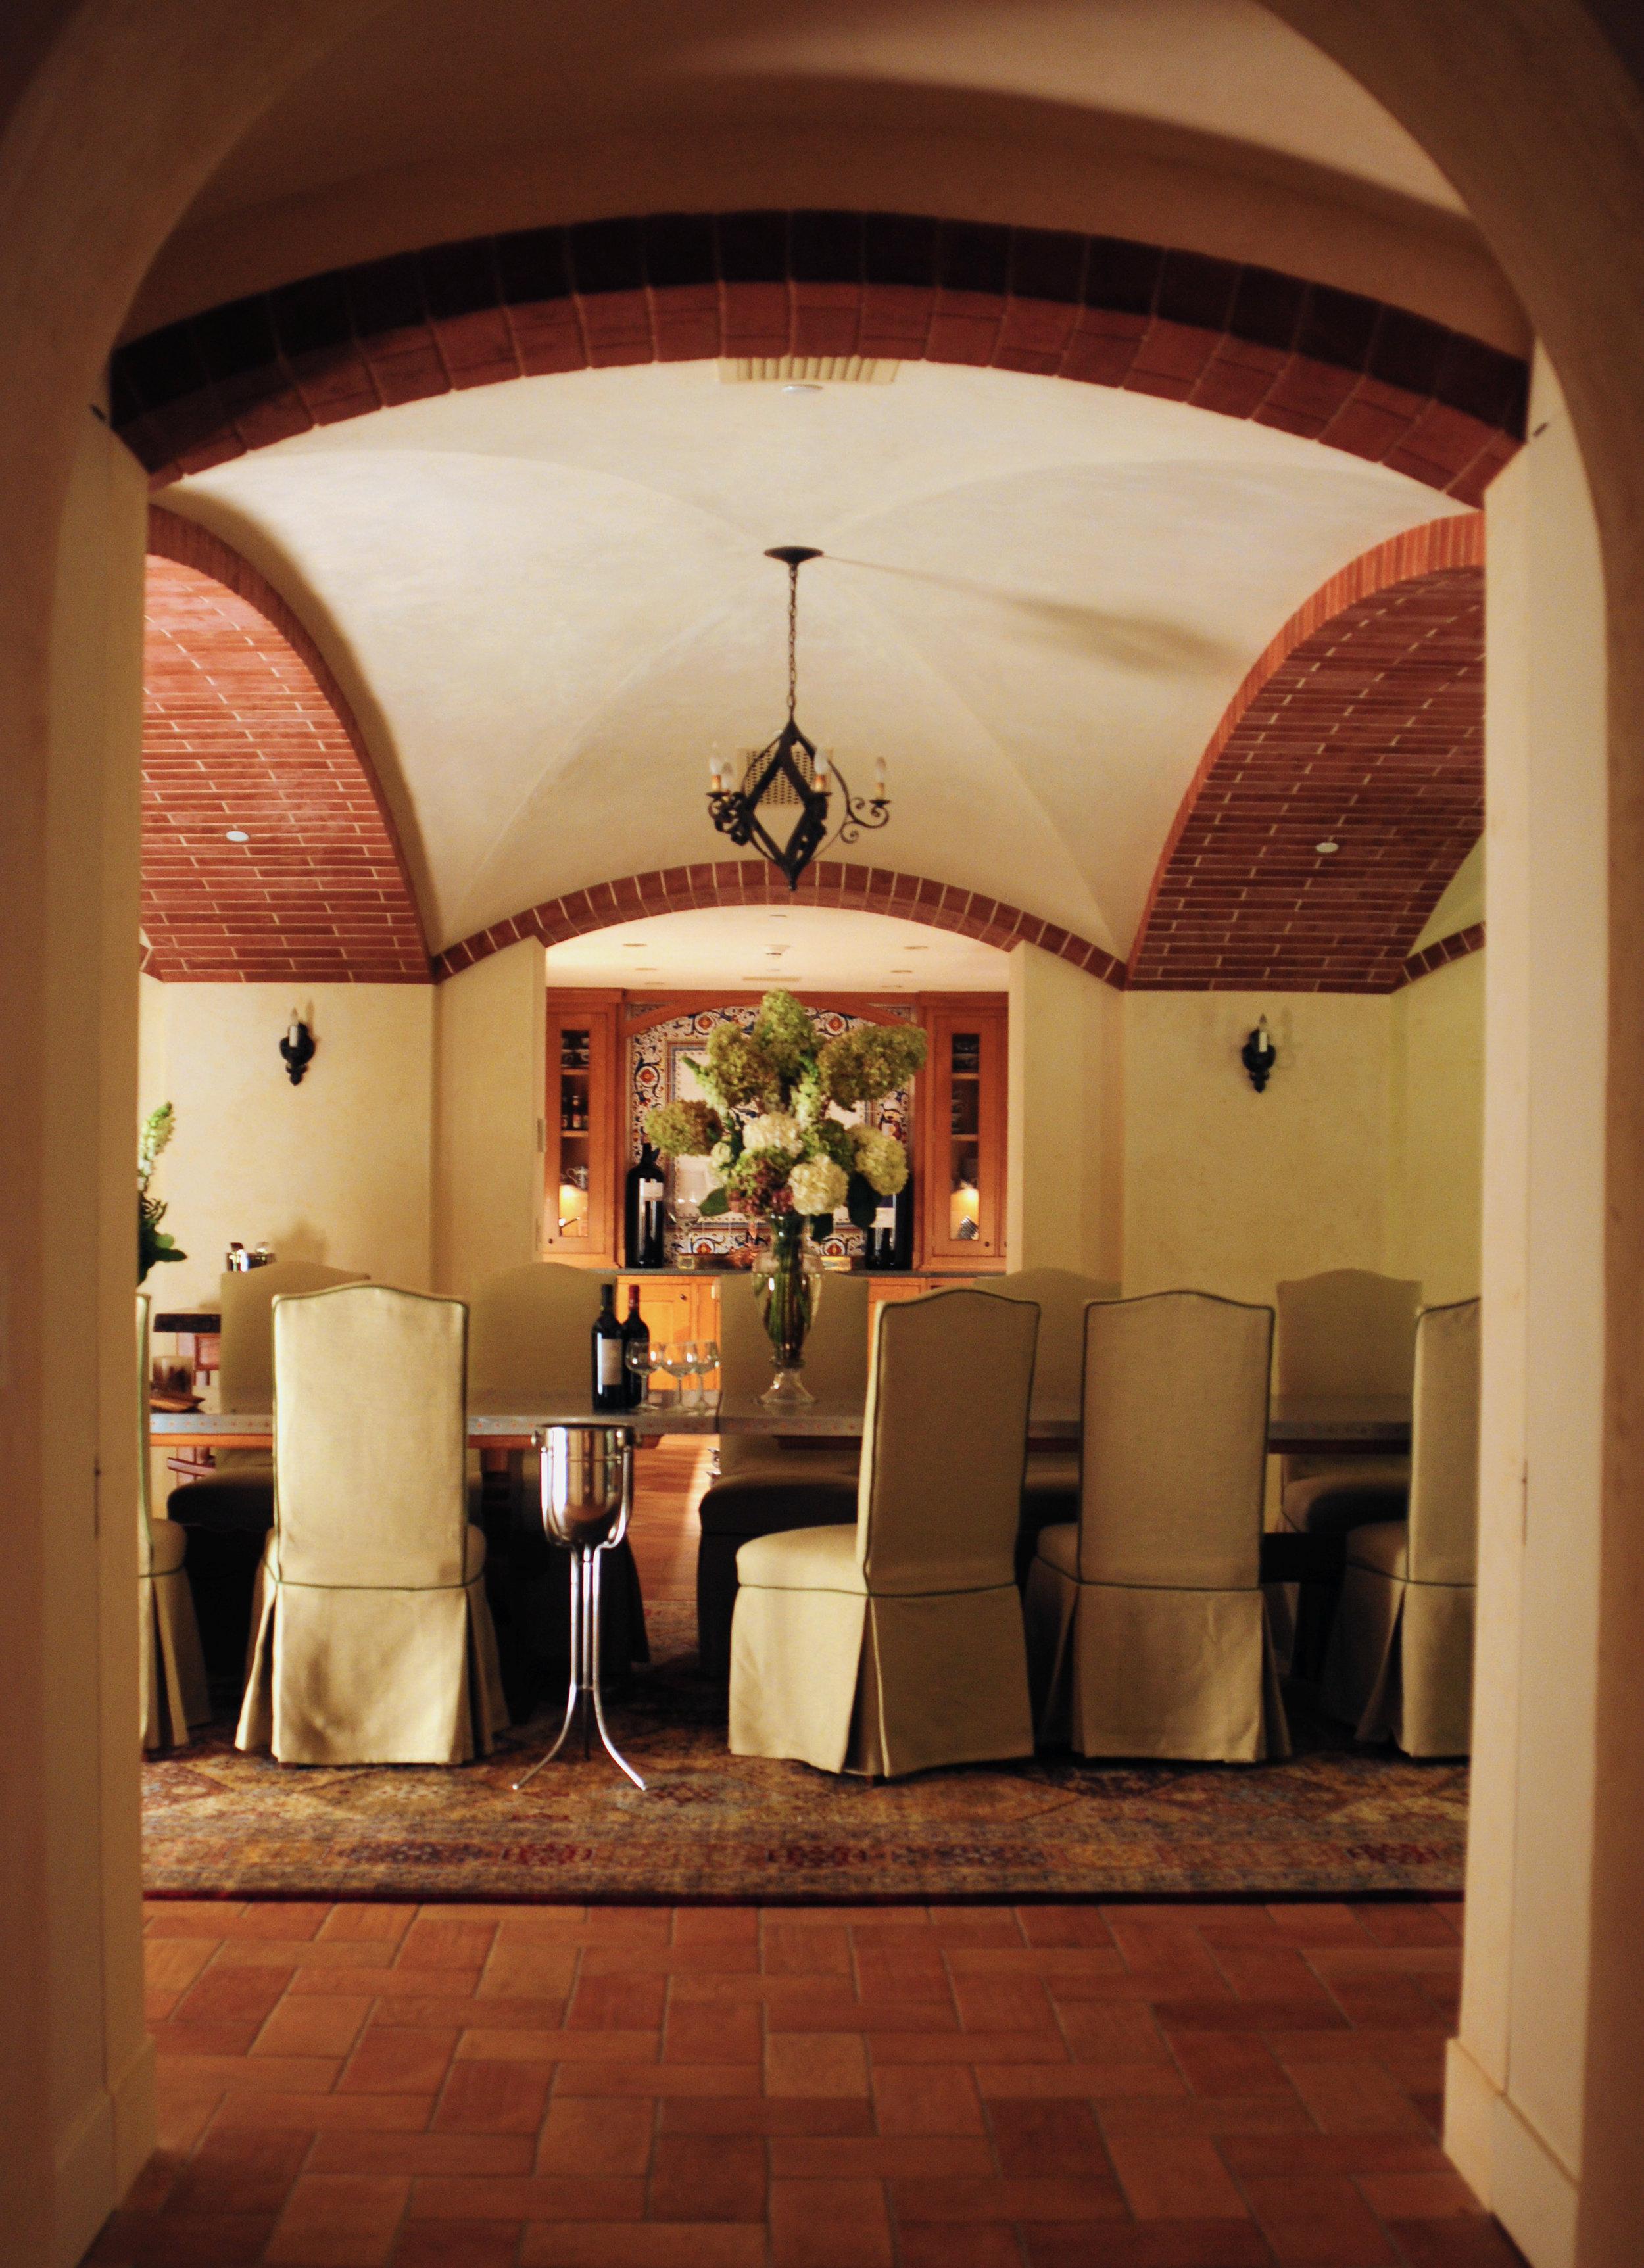 Kapito_Dining Room 2.jpg